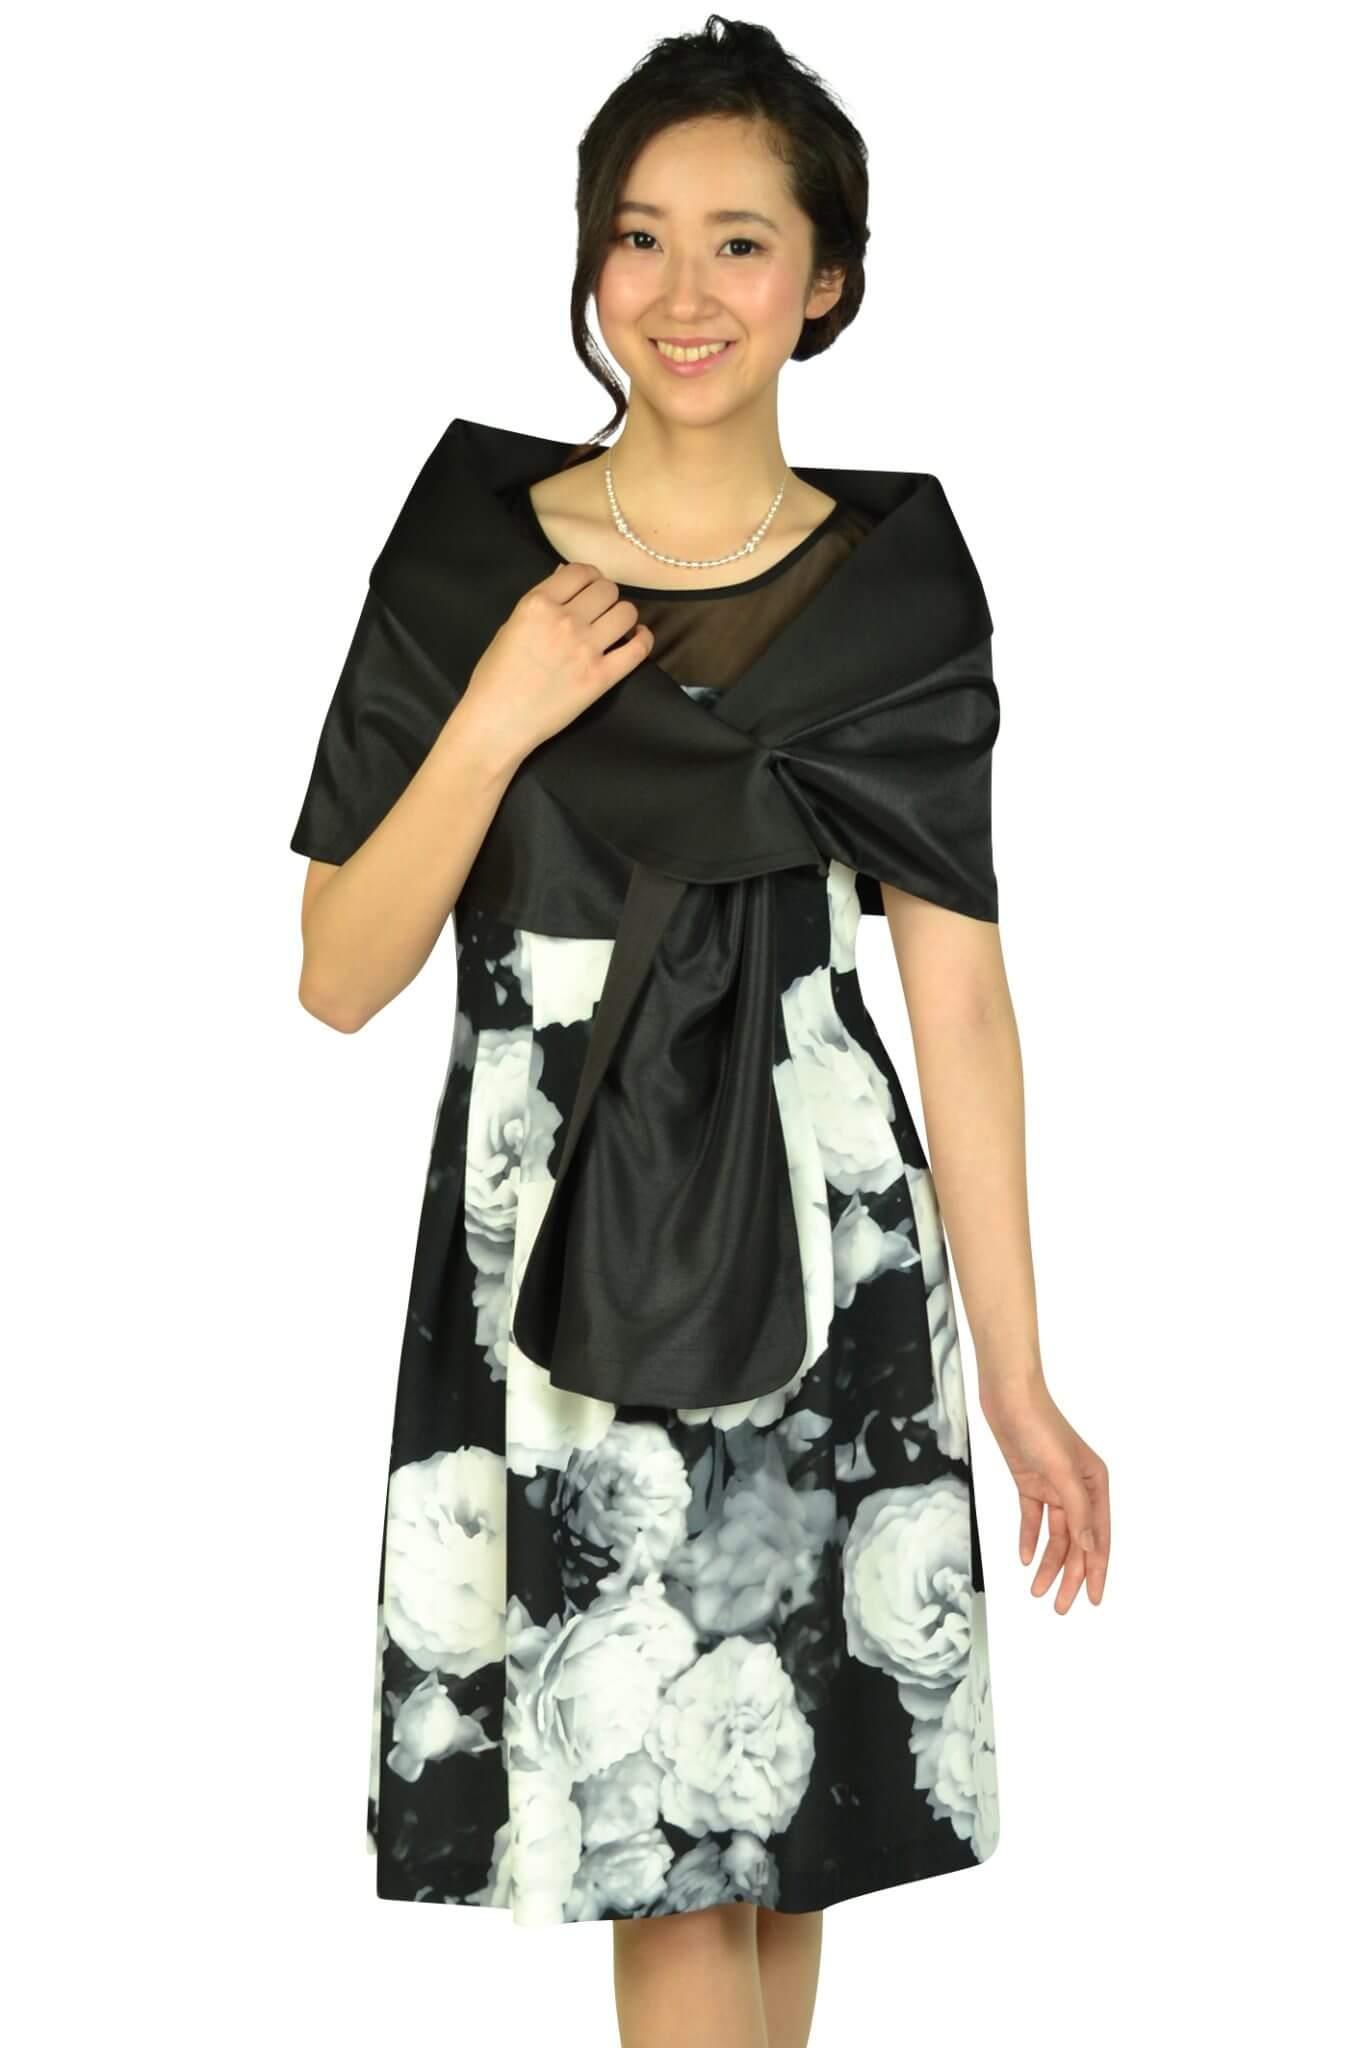 カルバンクライン(Calvin Klein)エレガントフラワーブラックドレスセット